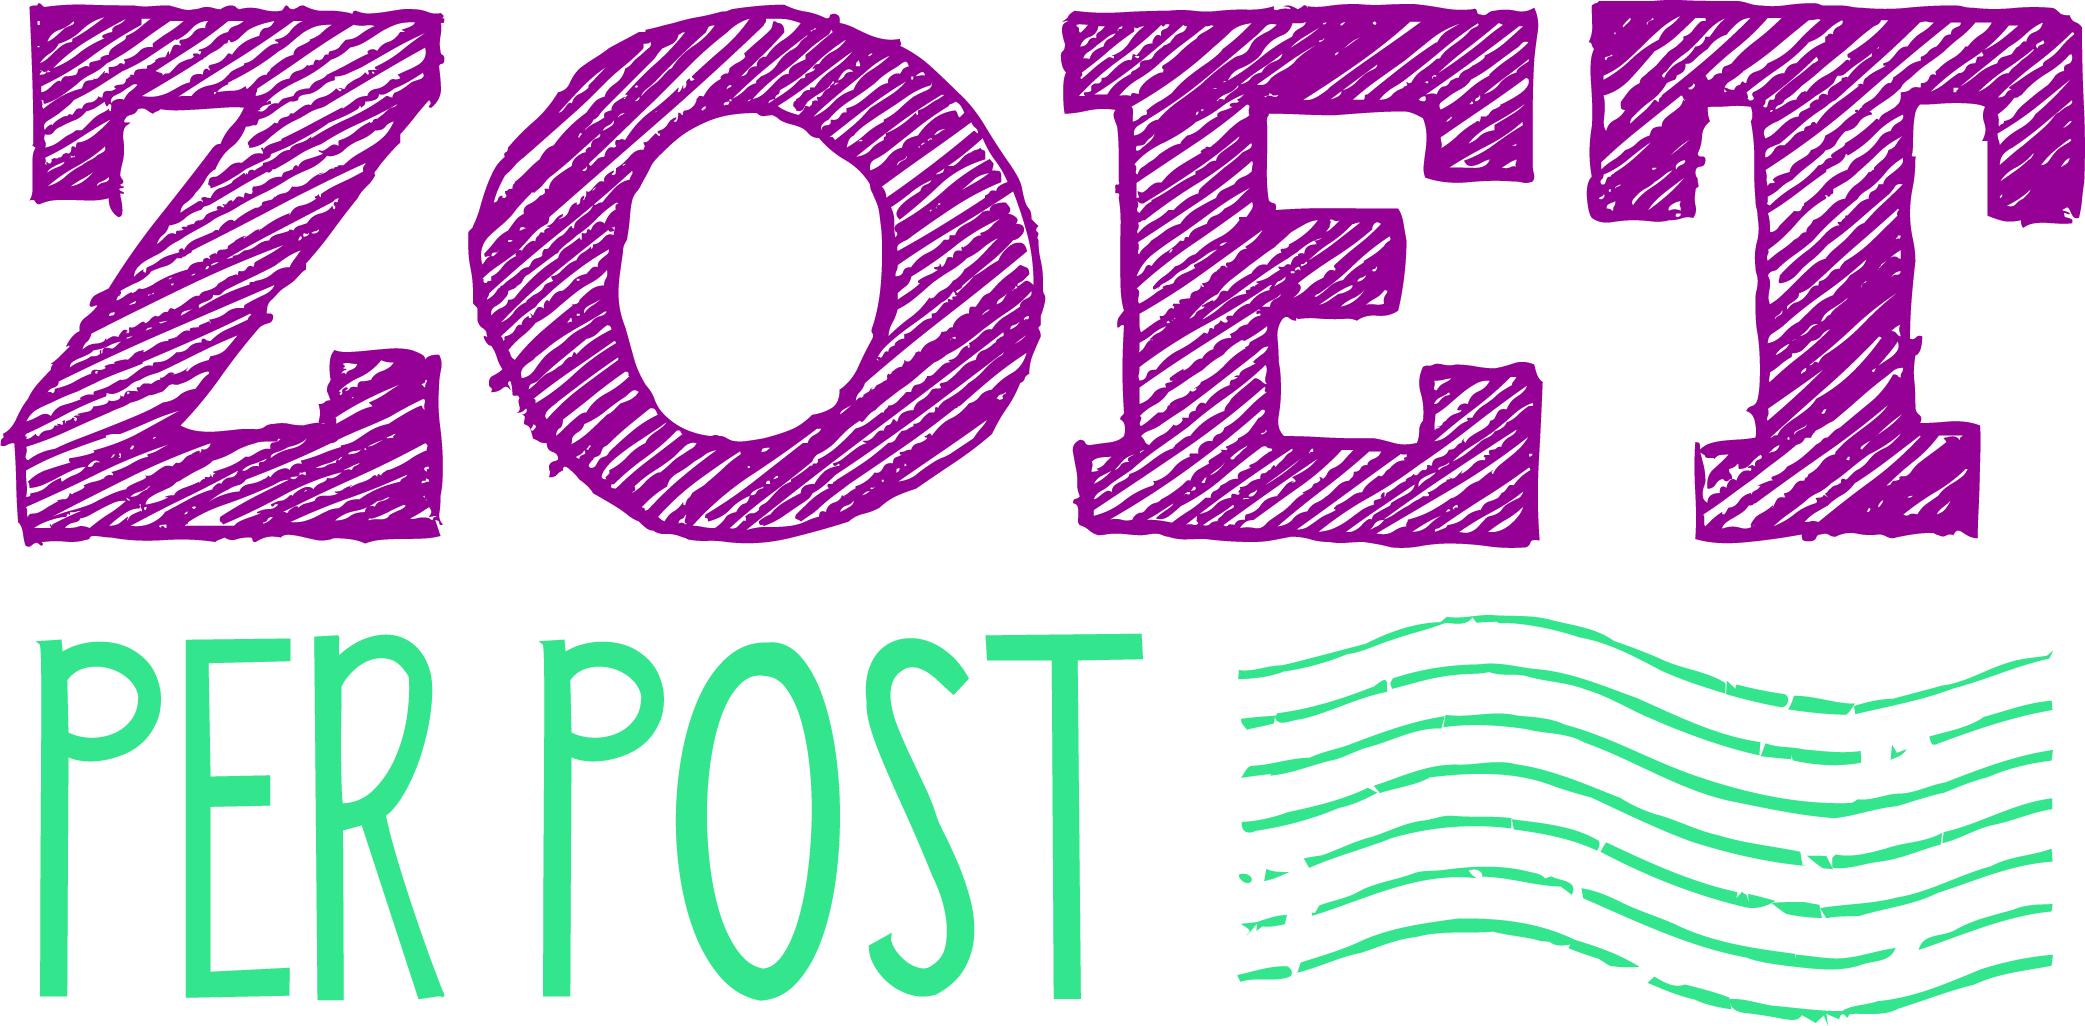 lo_ZOETperpost